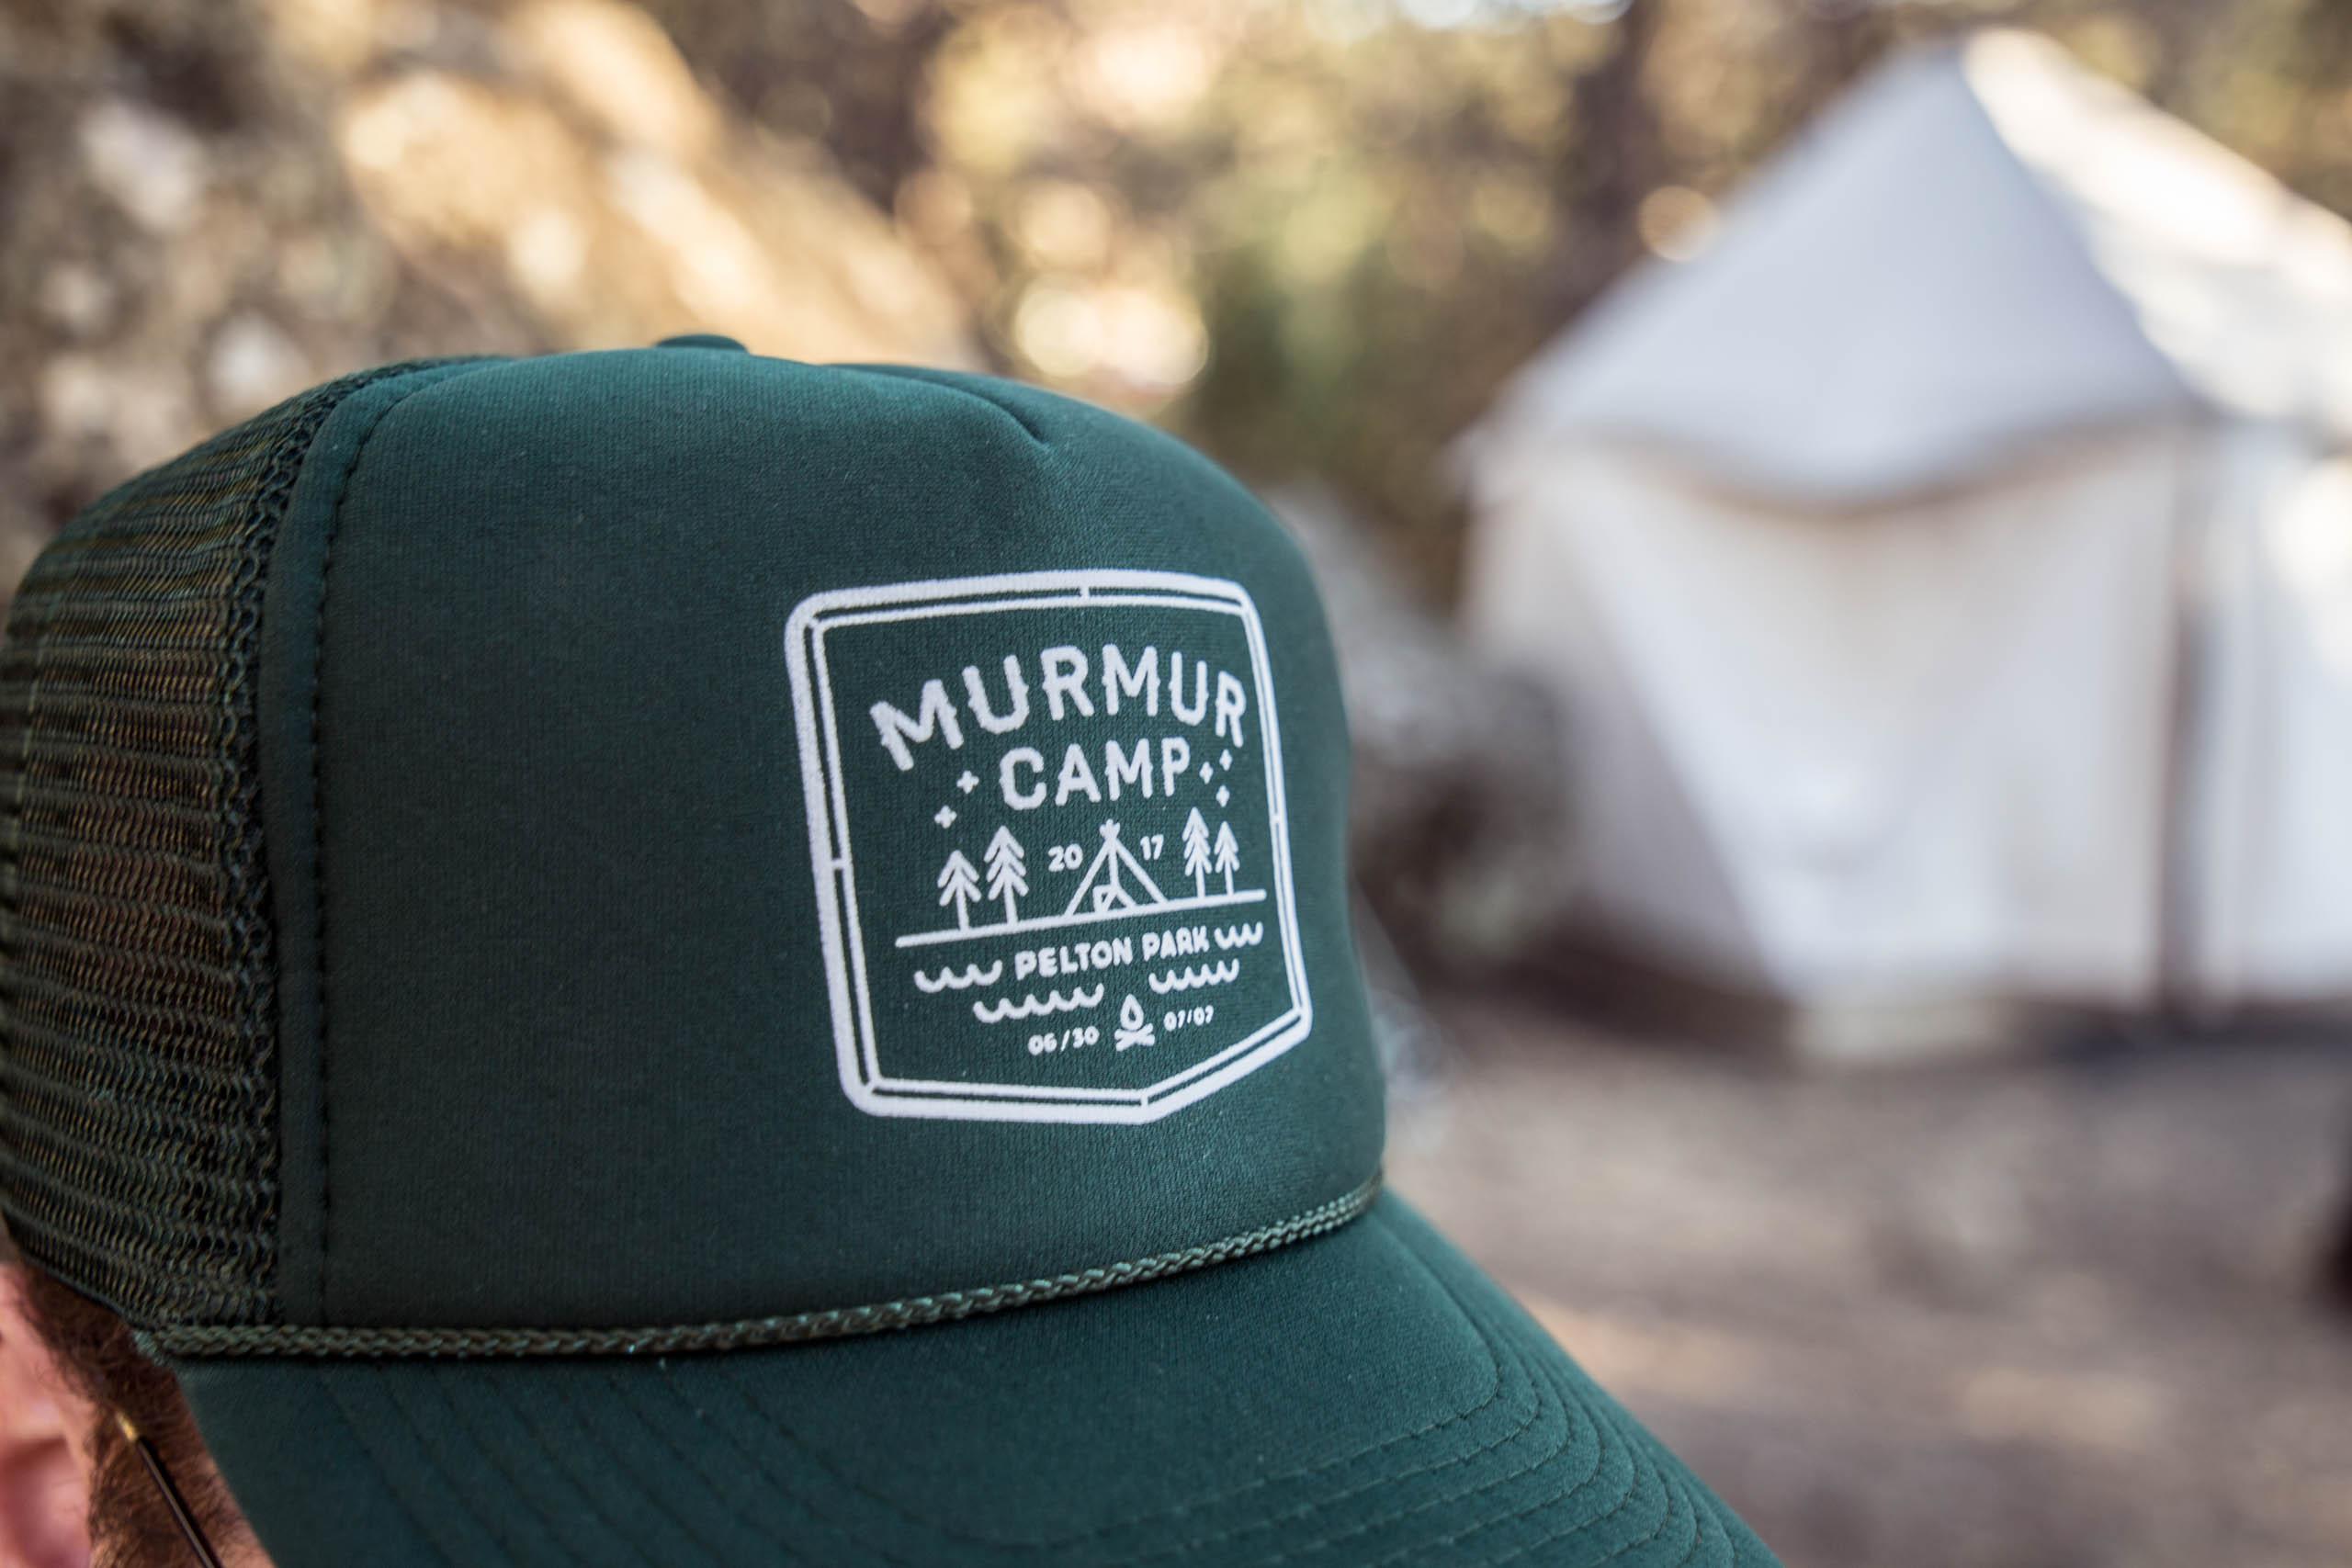 Murmur Camping Trip 2017